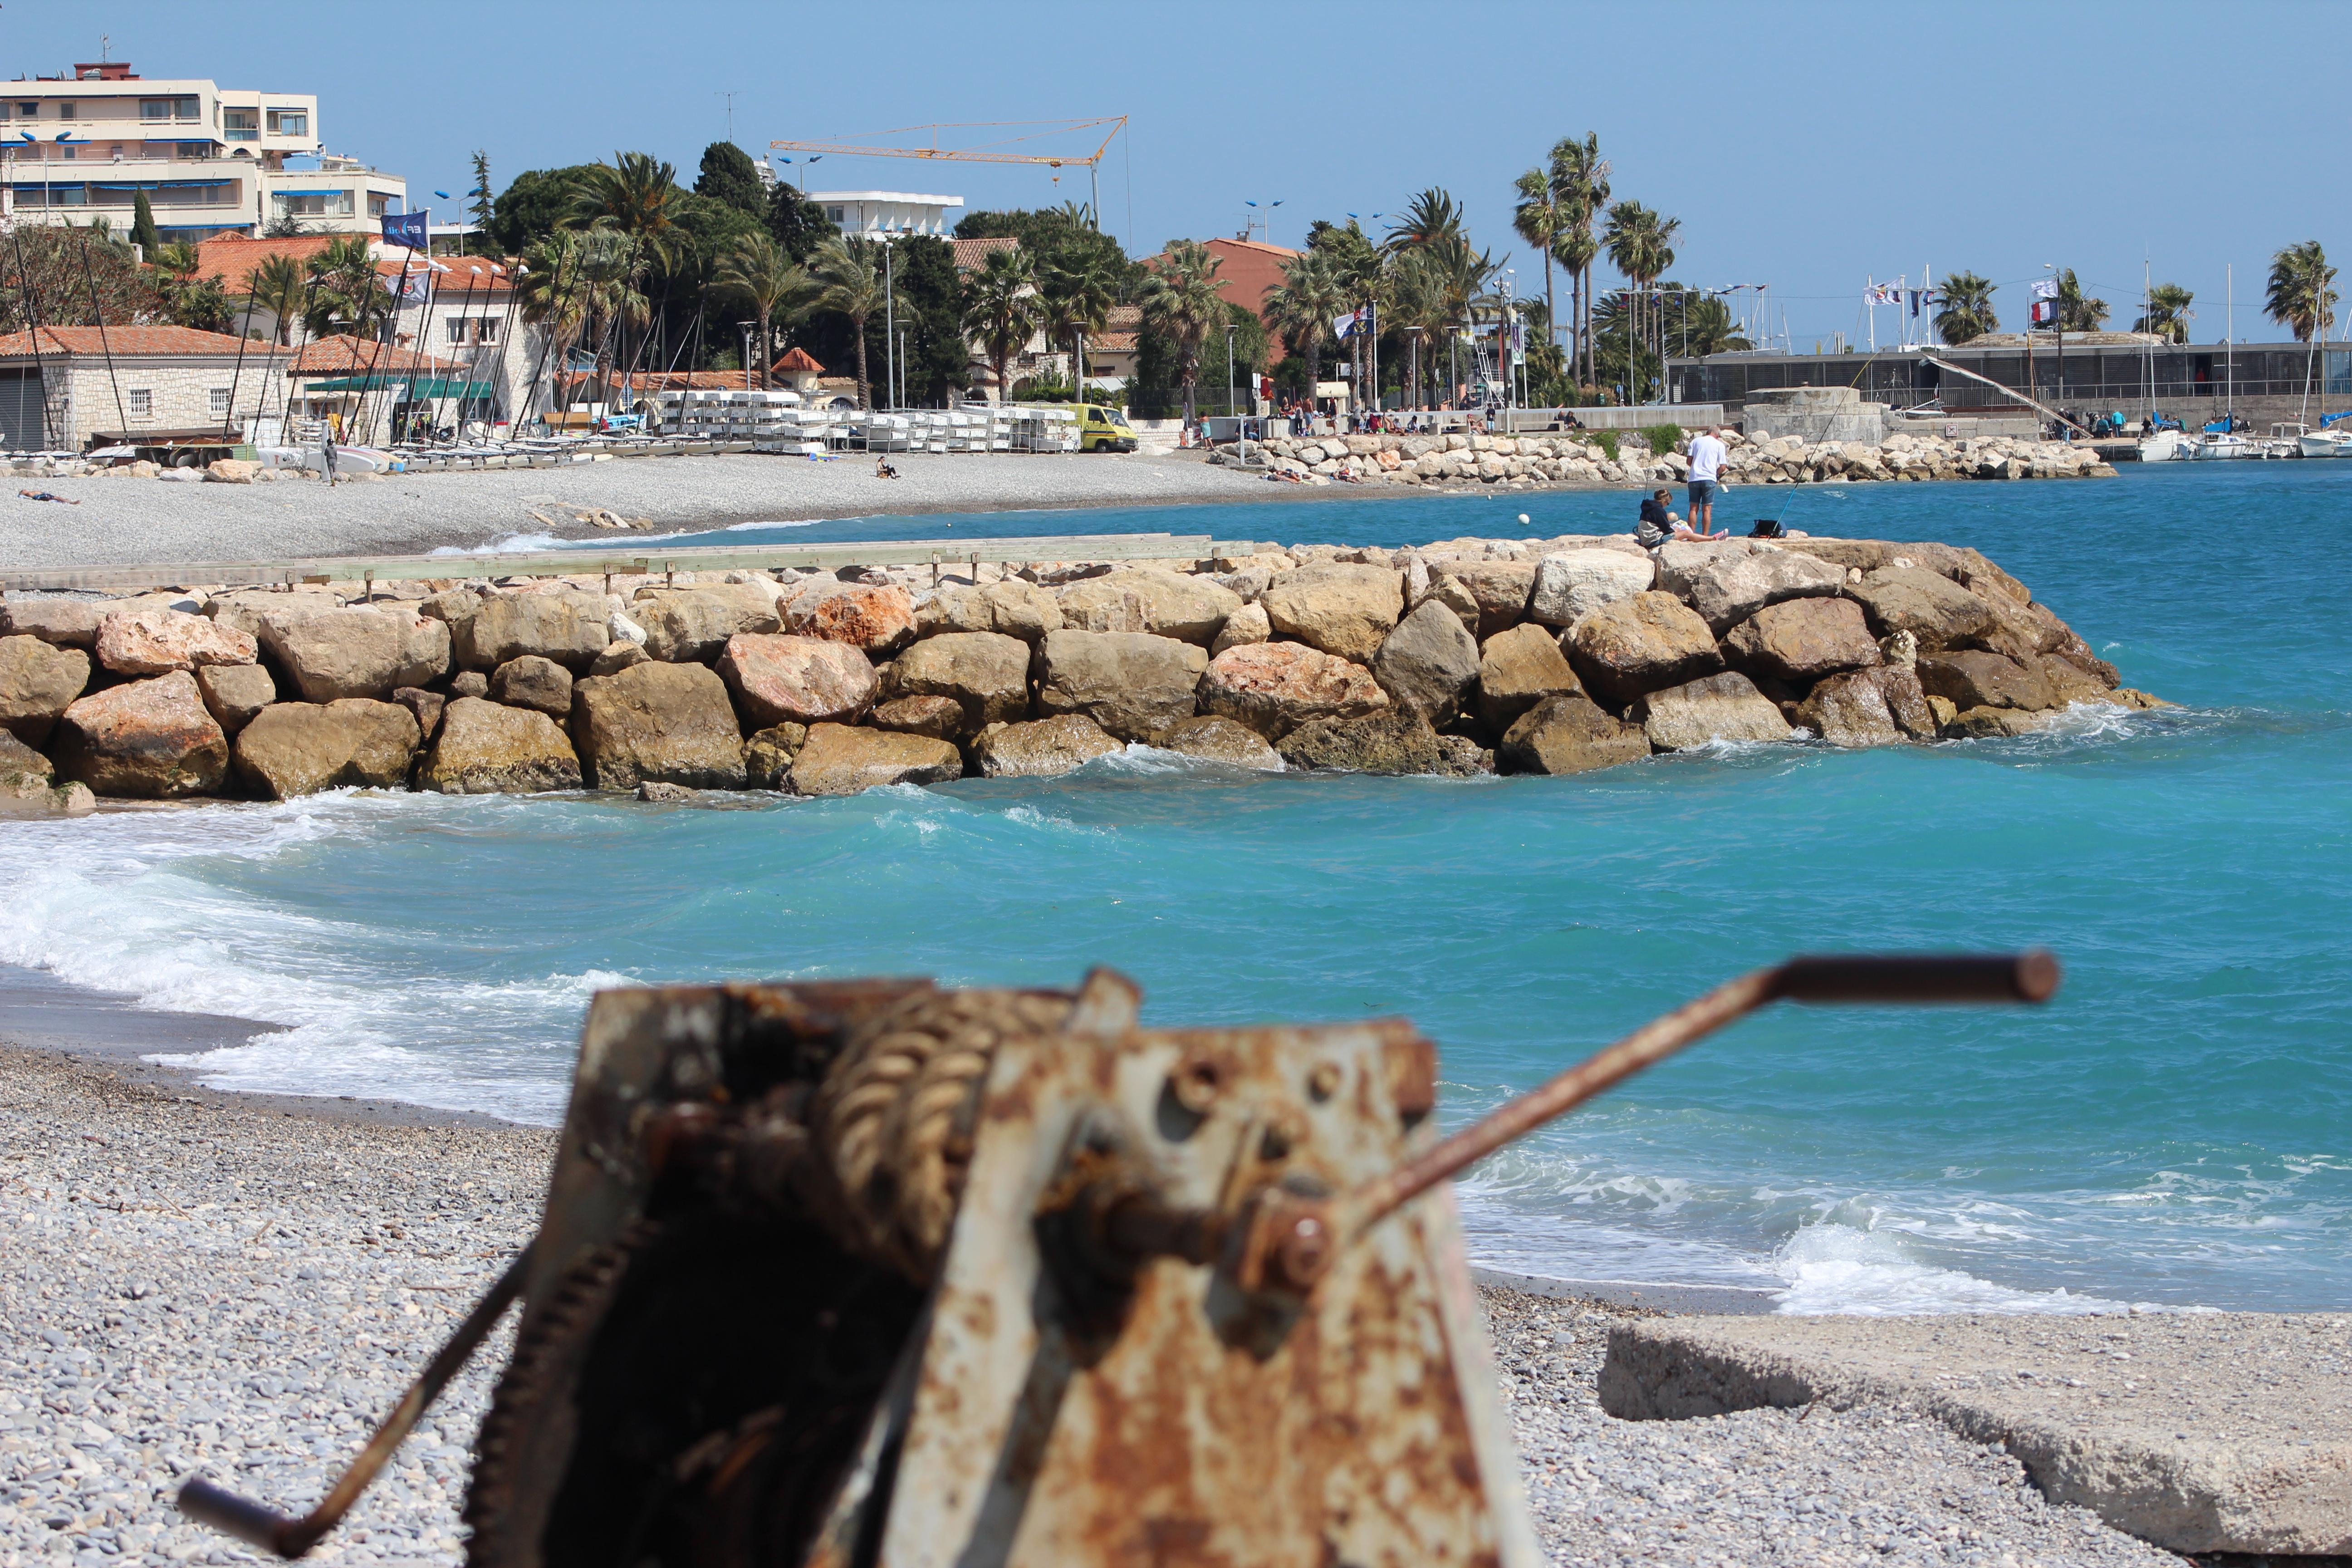 La plage cagnes sur mer h tel le chantilly for Garage de la plage cagnes sur mer